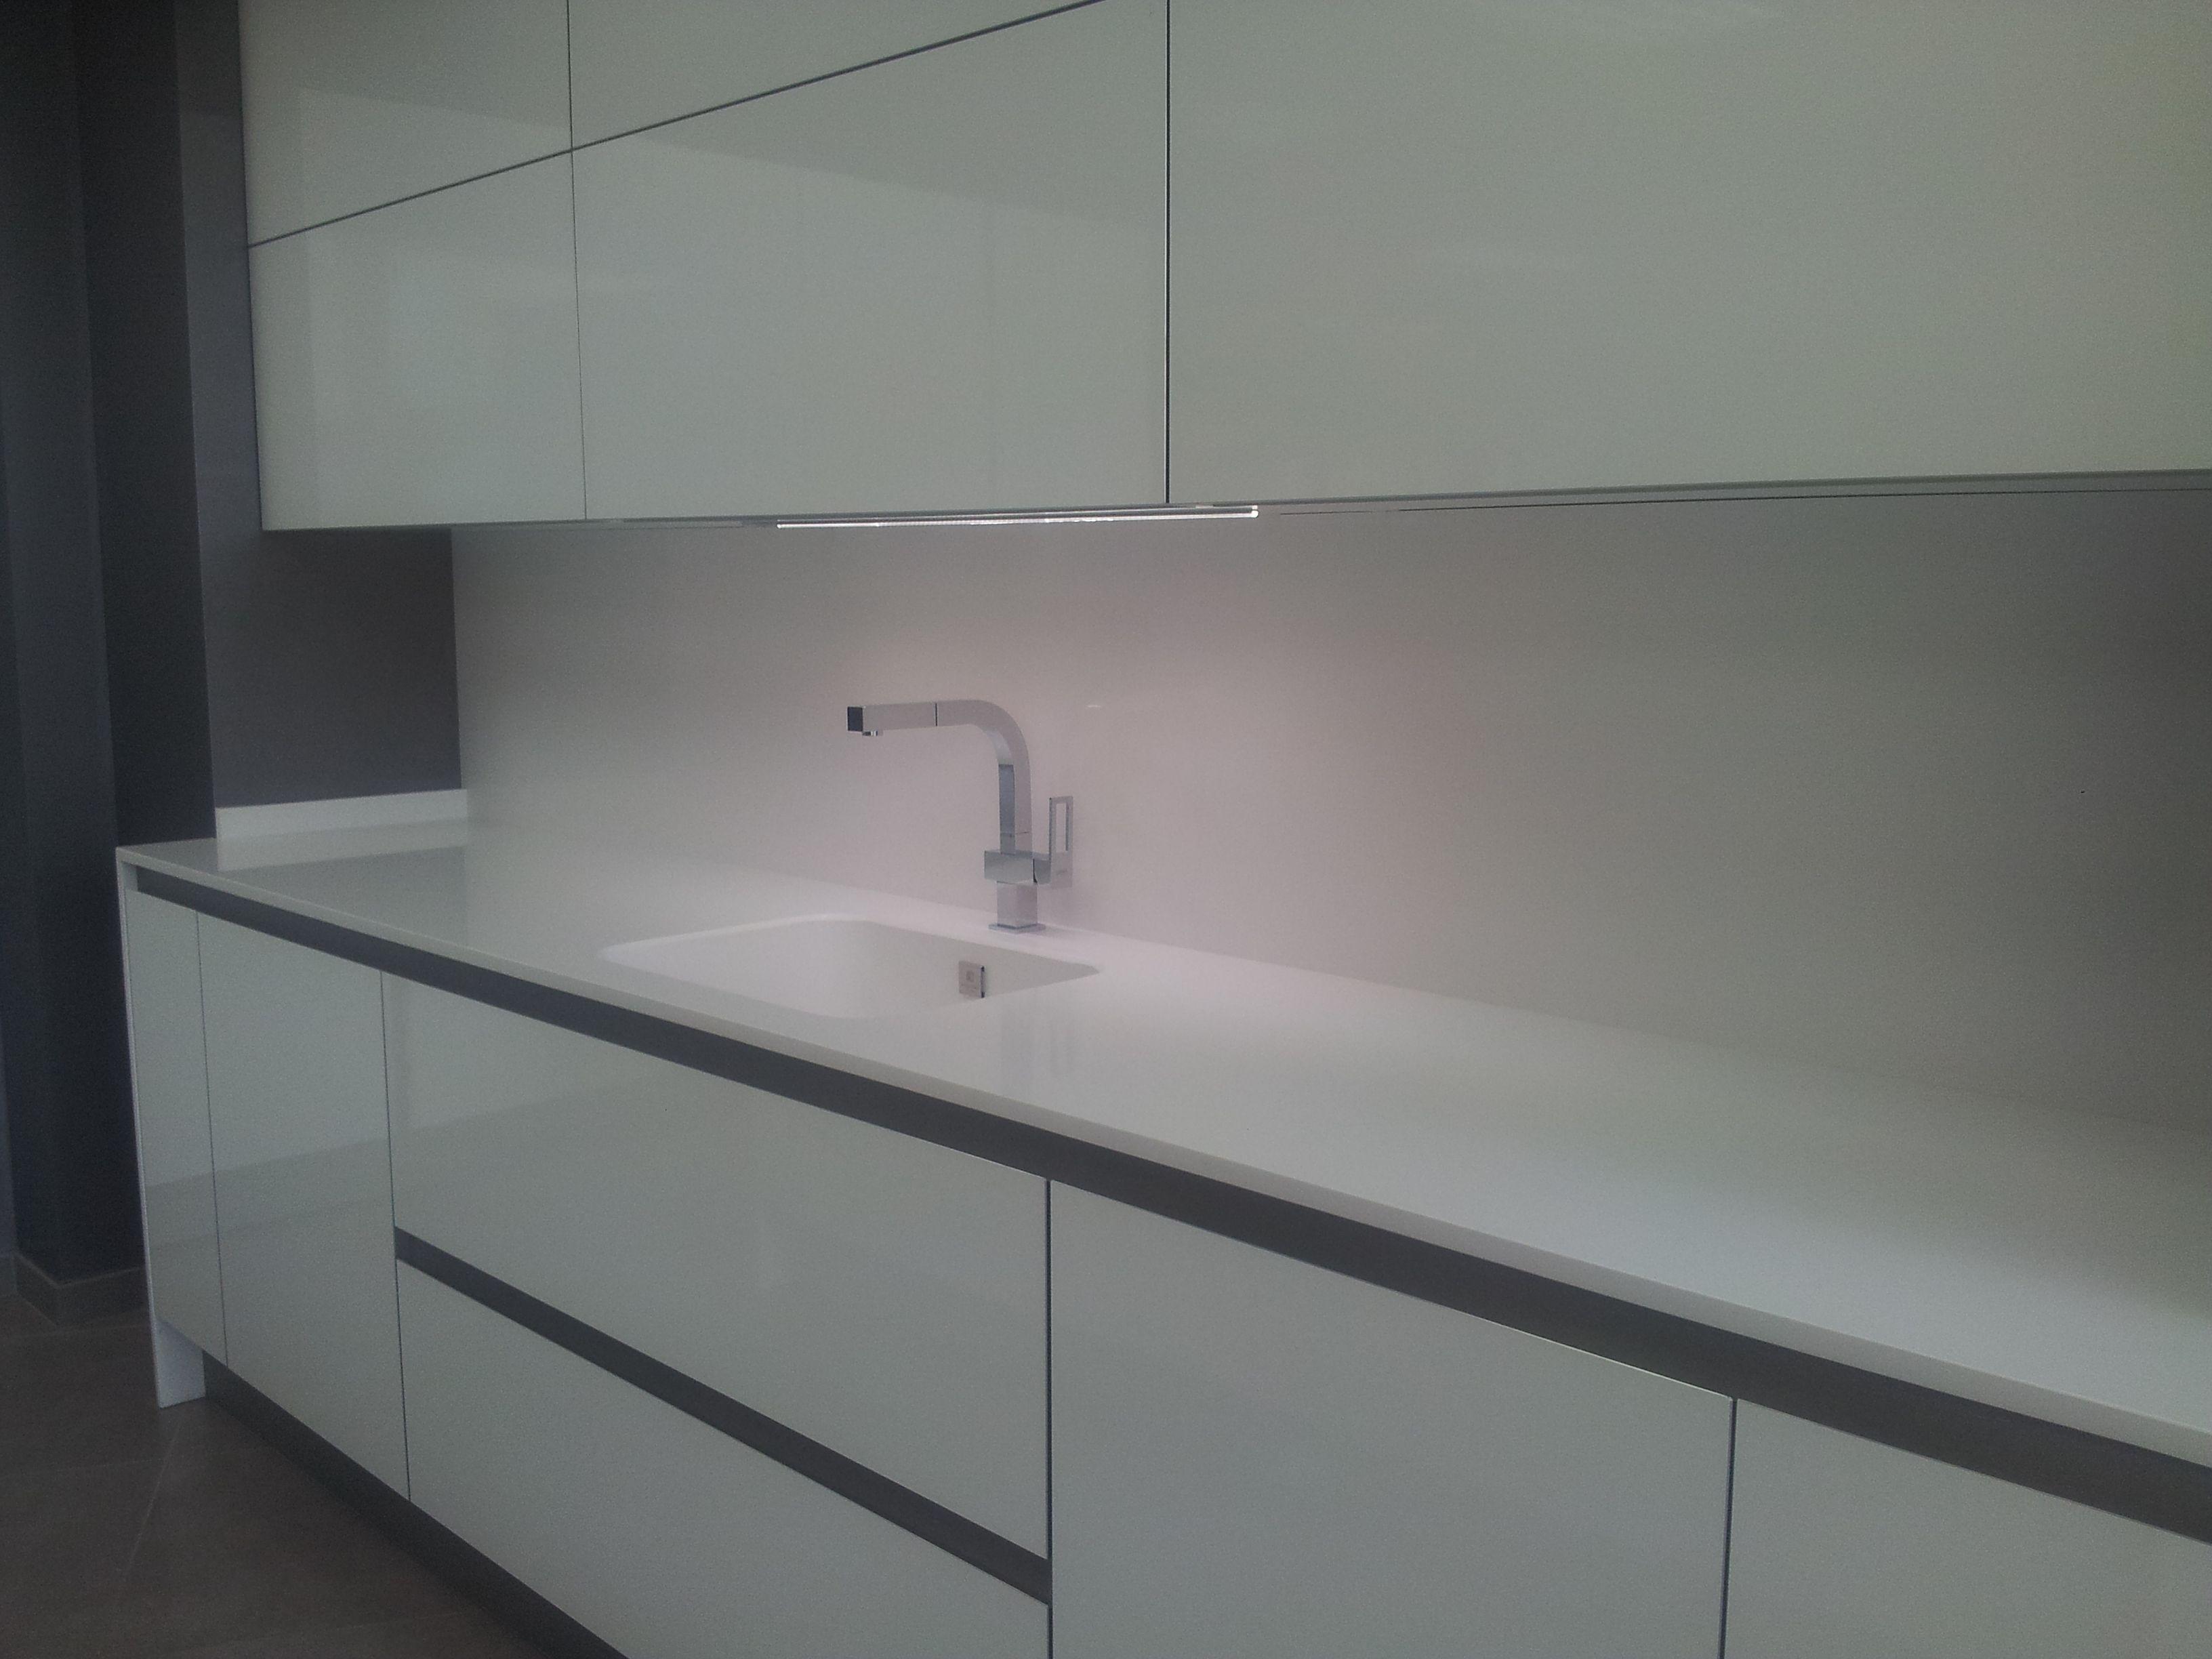 Encimera de cocina en silestone blanco zeus con fregadero for Fregaderos modernos